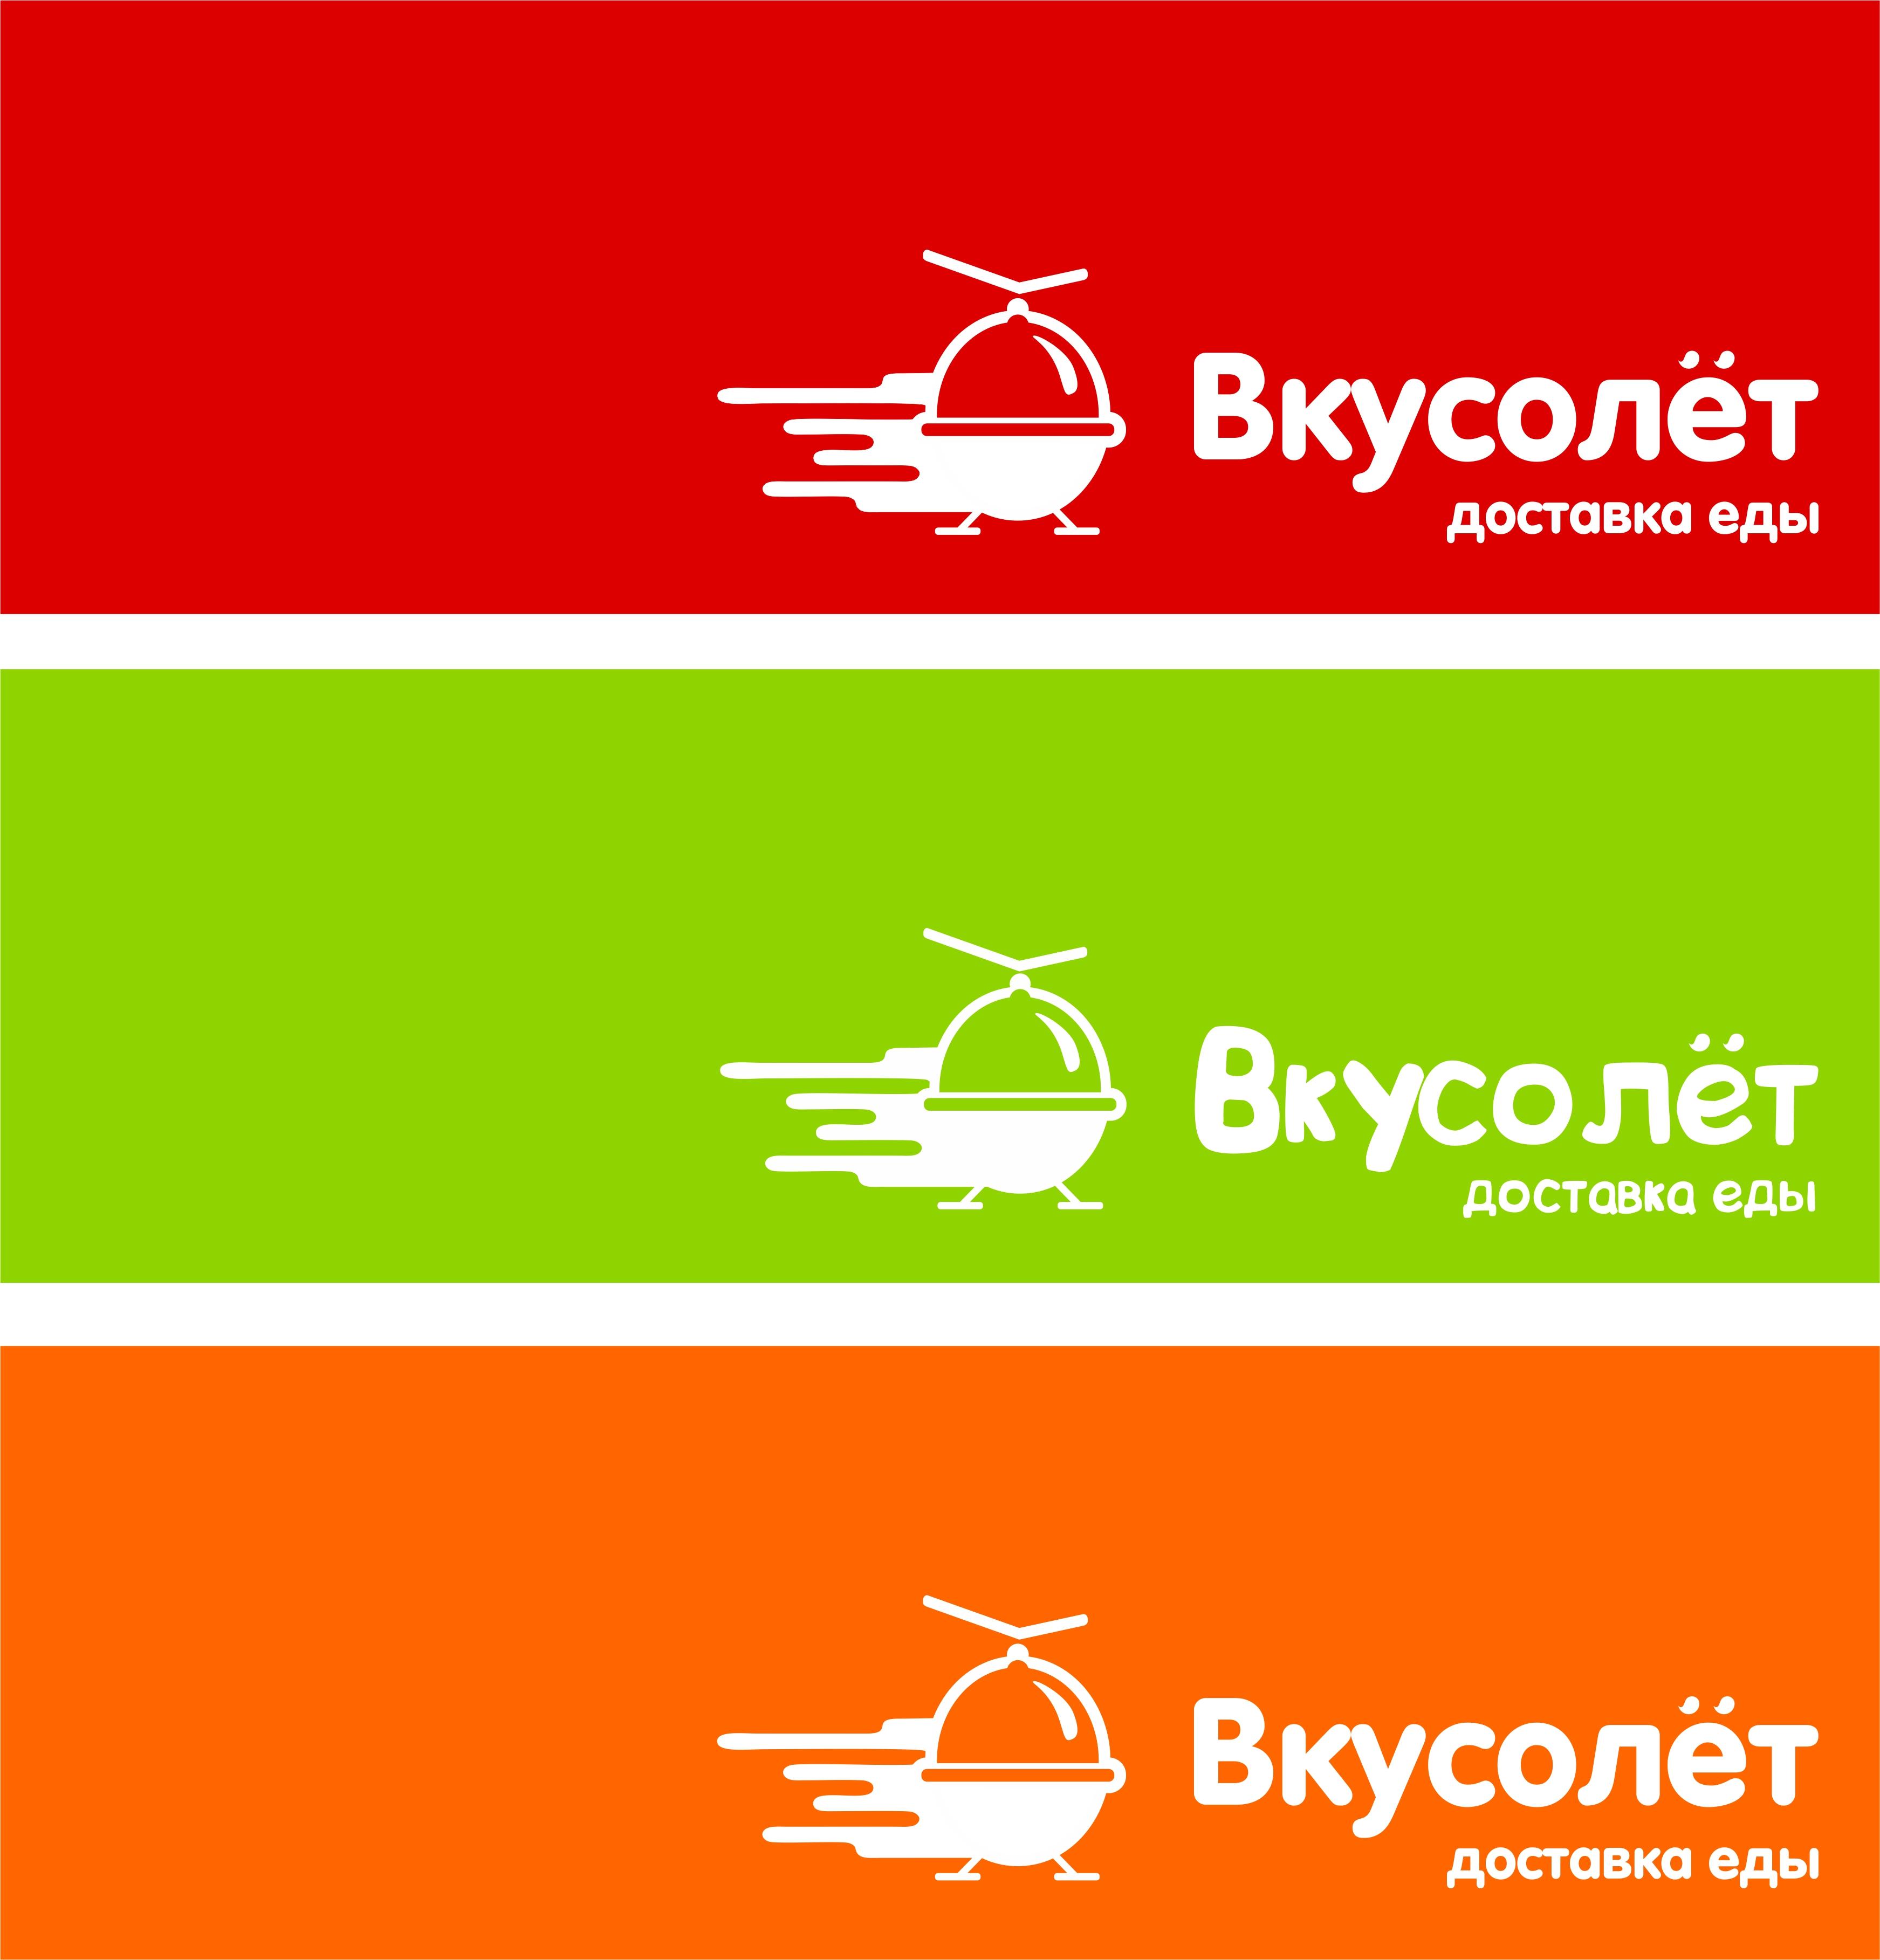 Логотип для доставки еды фото f_68559db48fda3bc2.jpg